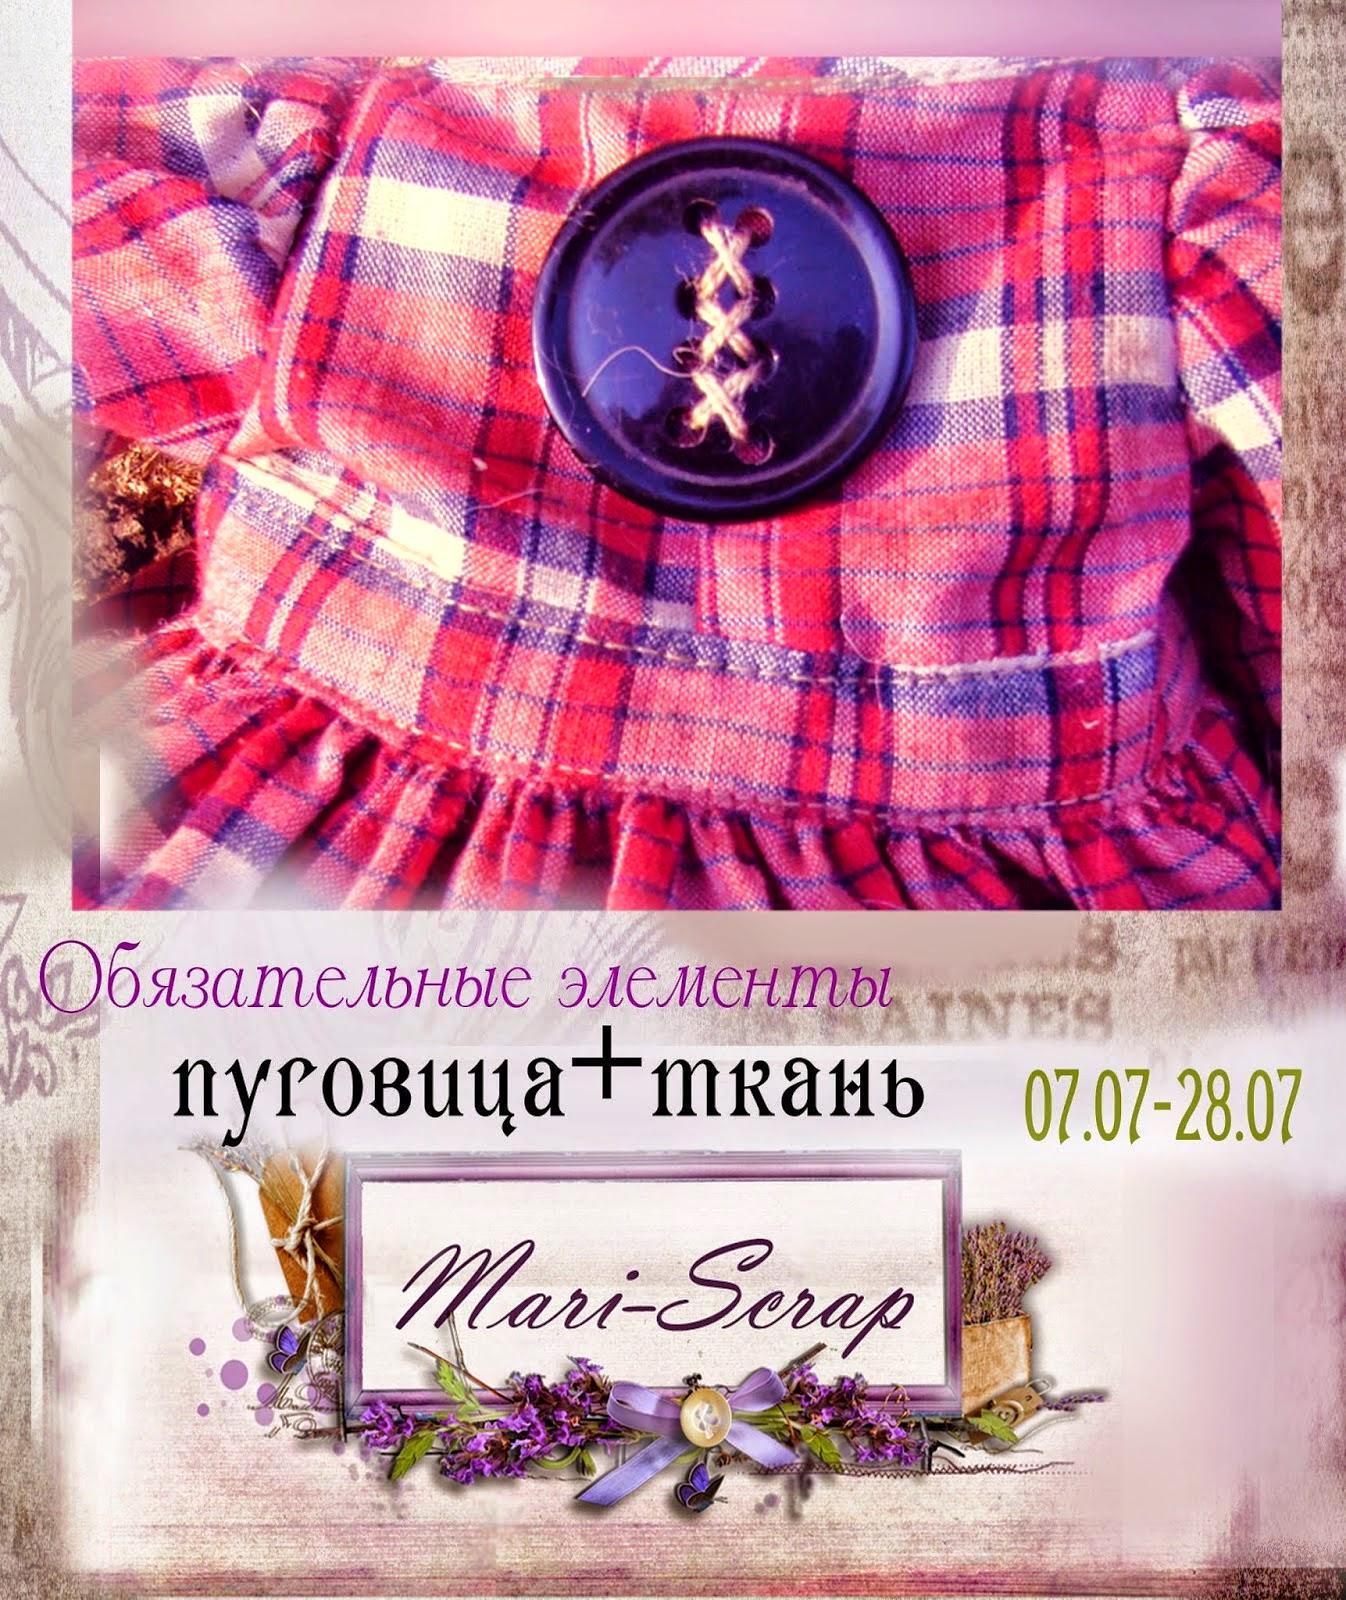 http://mari-art-scrap.blogspot.de/2014/07/blog-post_7.html